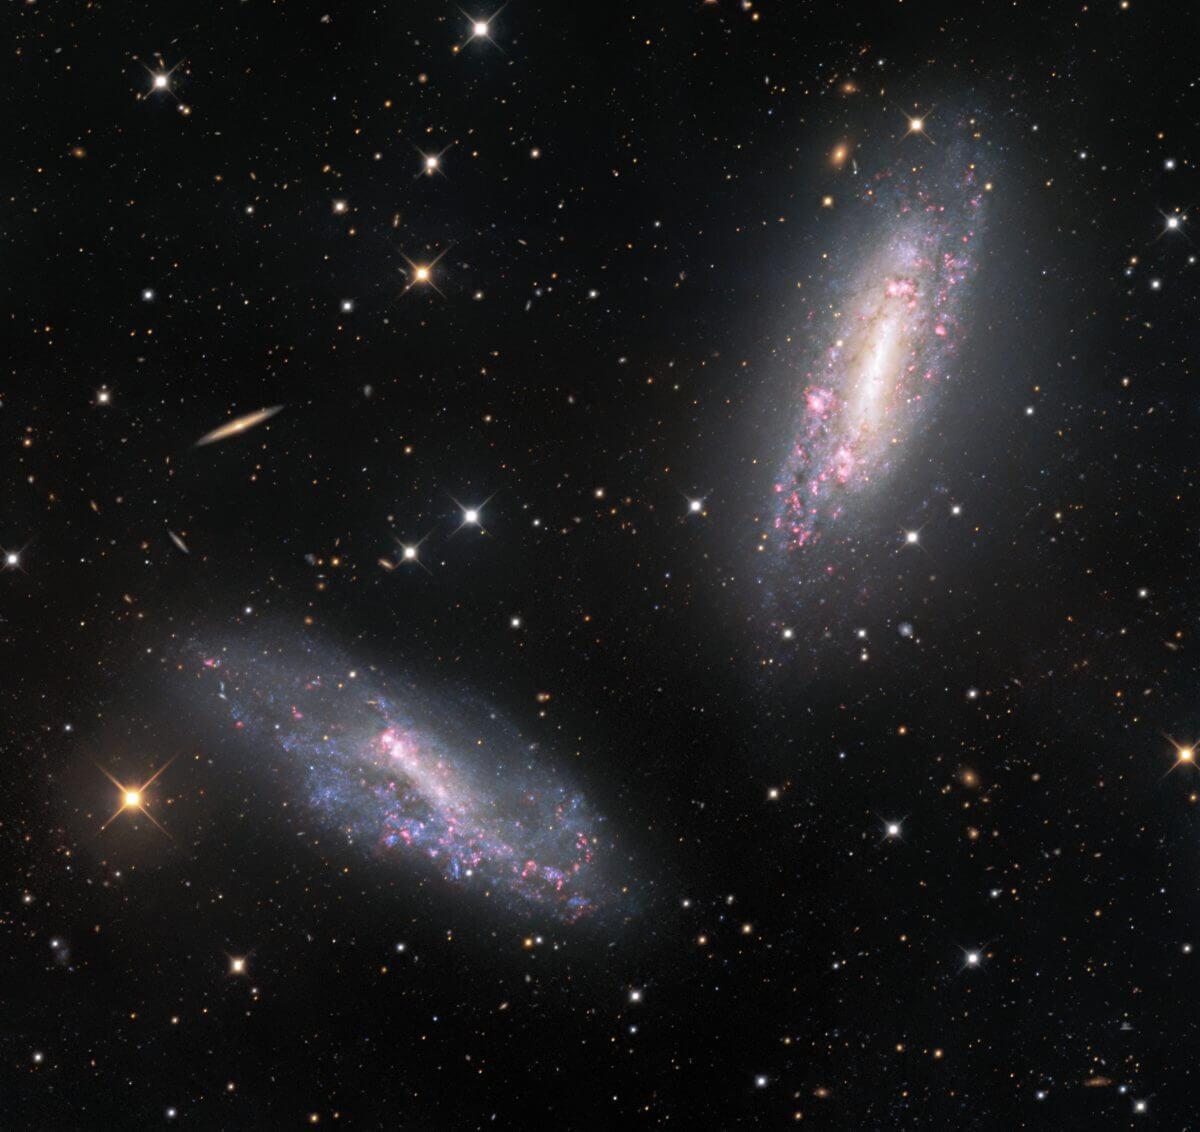 相互作用する銀河「NGC 672」(右上)と「IC 1727」(左下)(Credit: KPNO/NOIRLab/NSF/AURA)